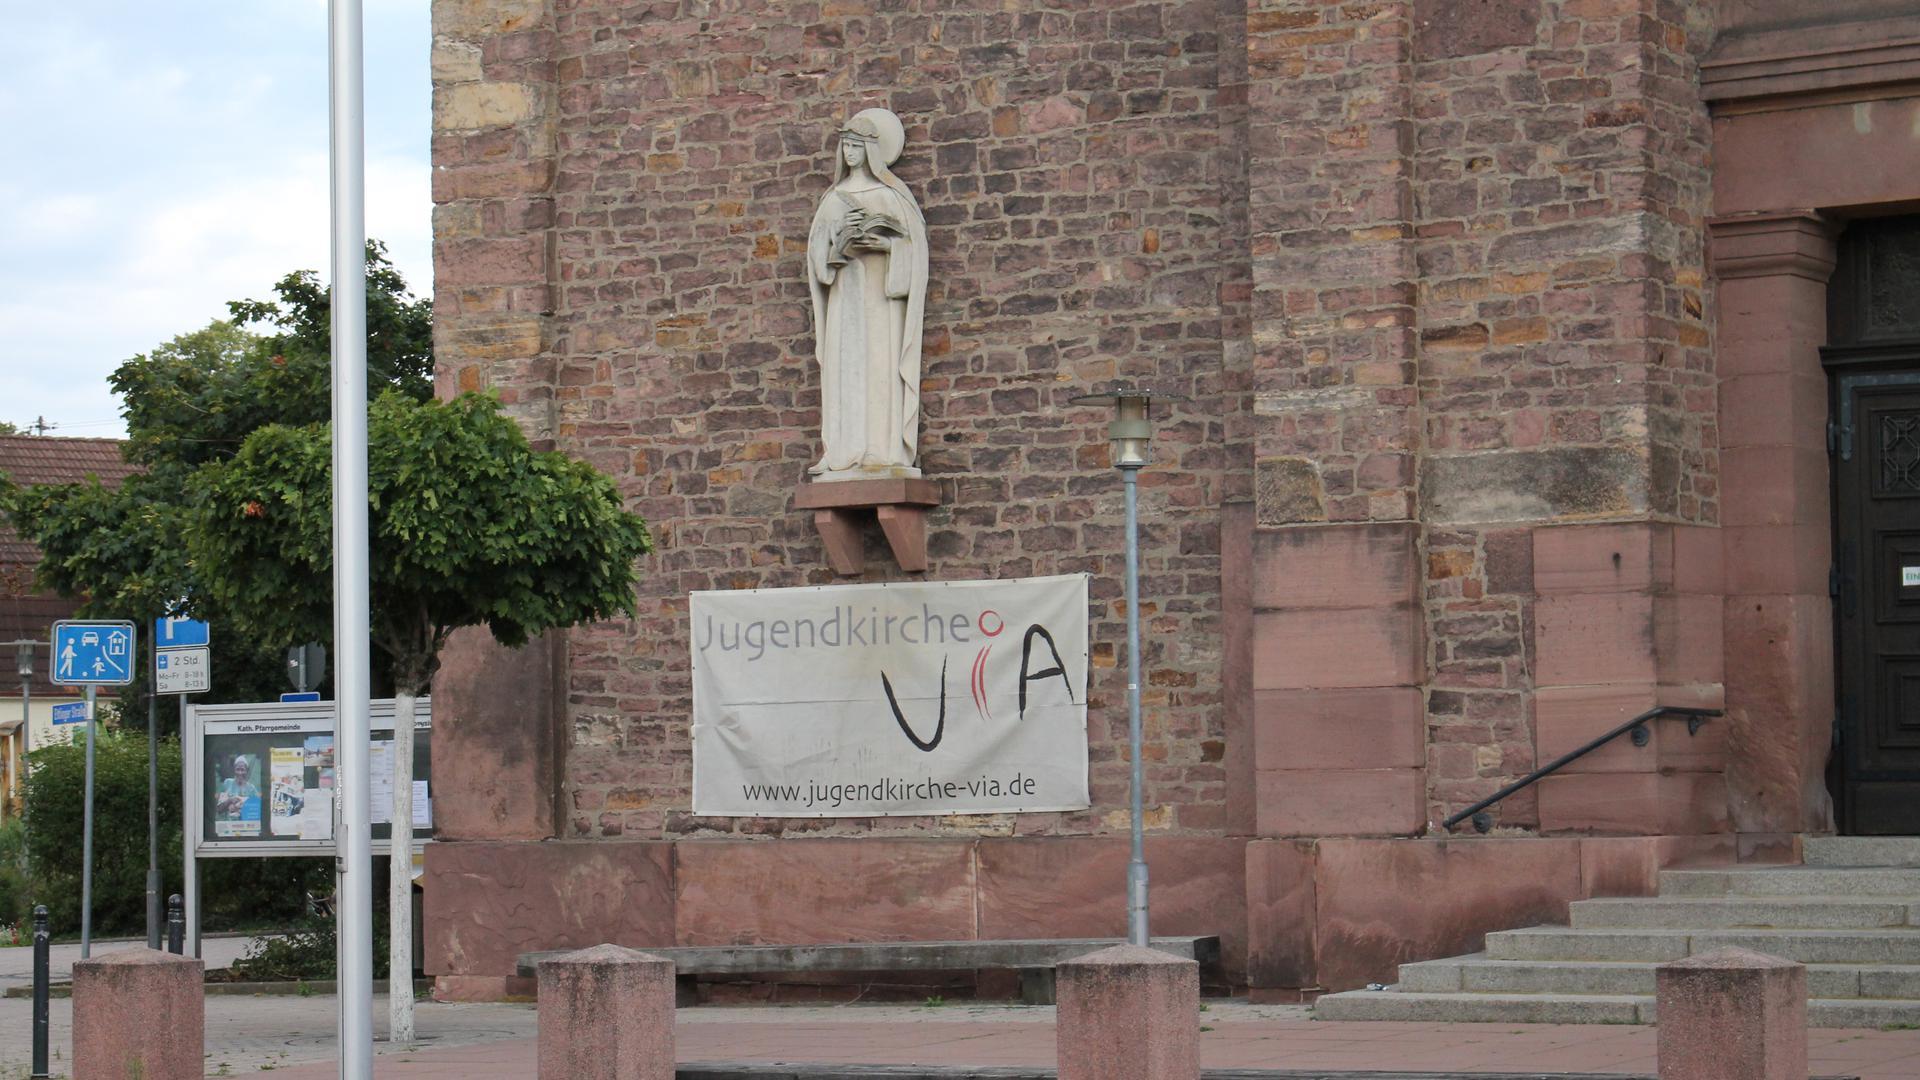 Kirchengemäuer mit Jugendkirche-Via Plakat und Mutter Gottes aus Stein